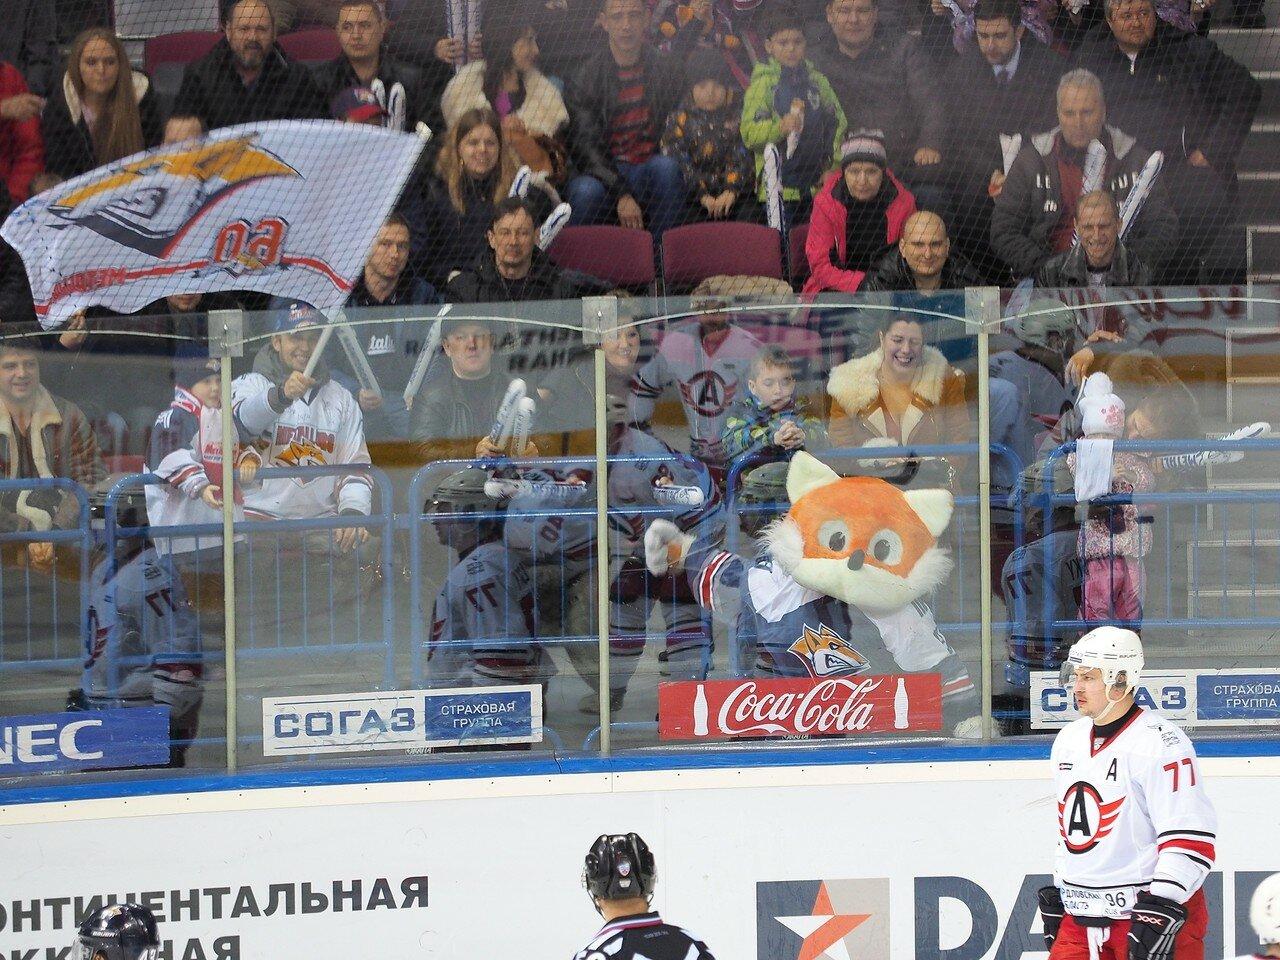 85Восток 1/4 плей-офф Металлург - Автомобилист 01.03.2016